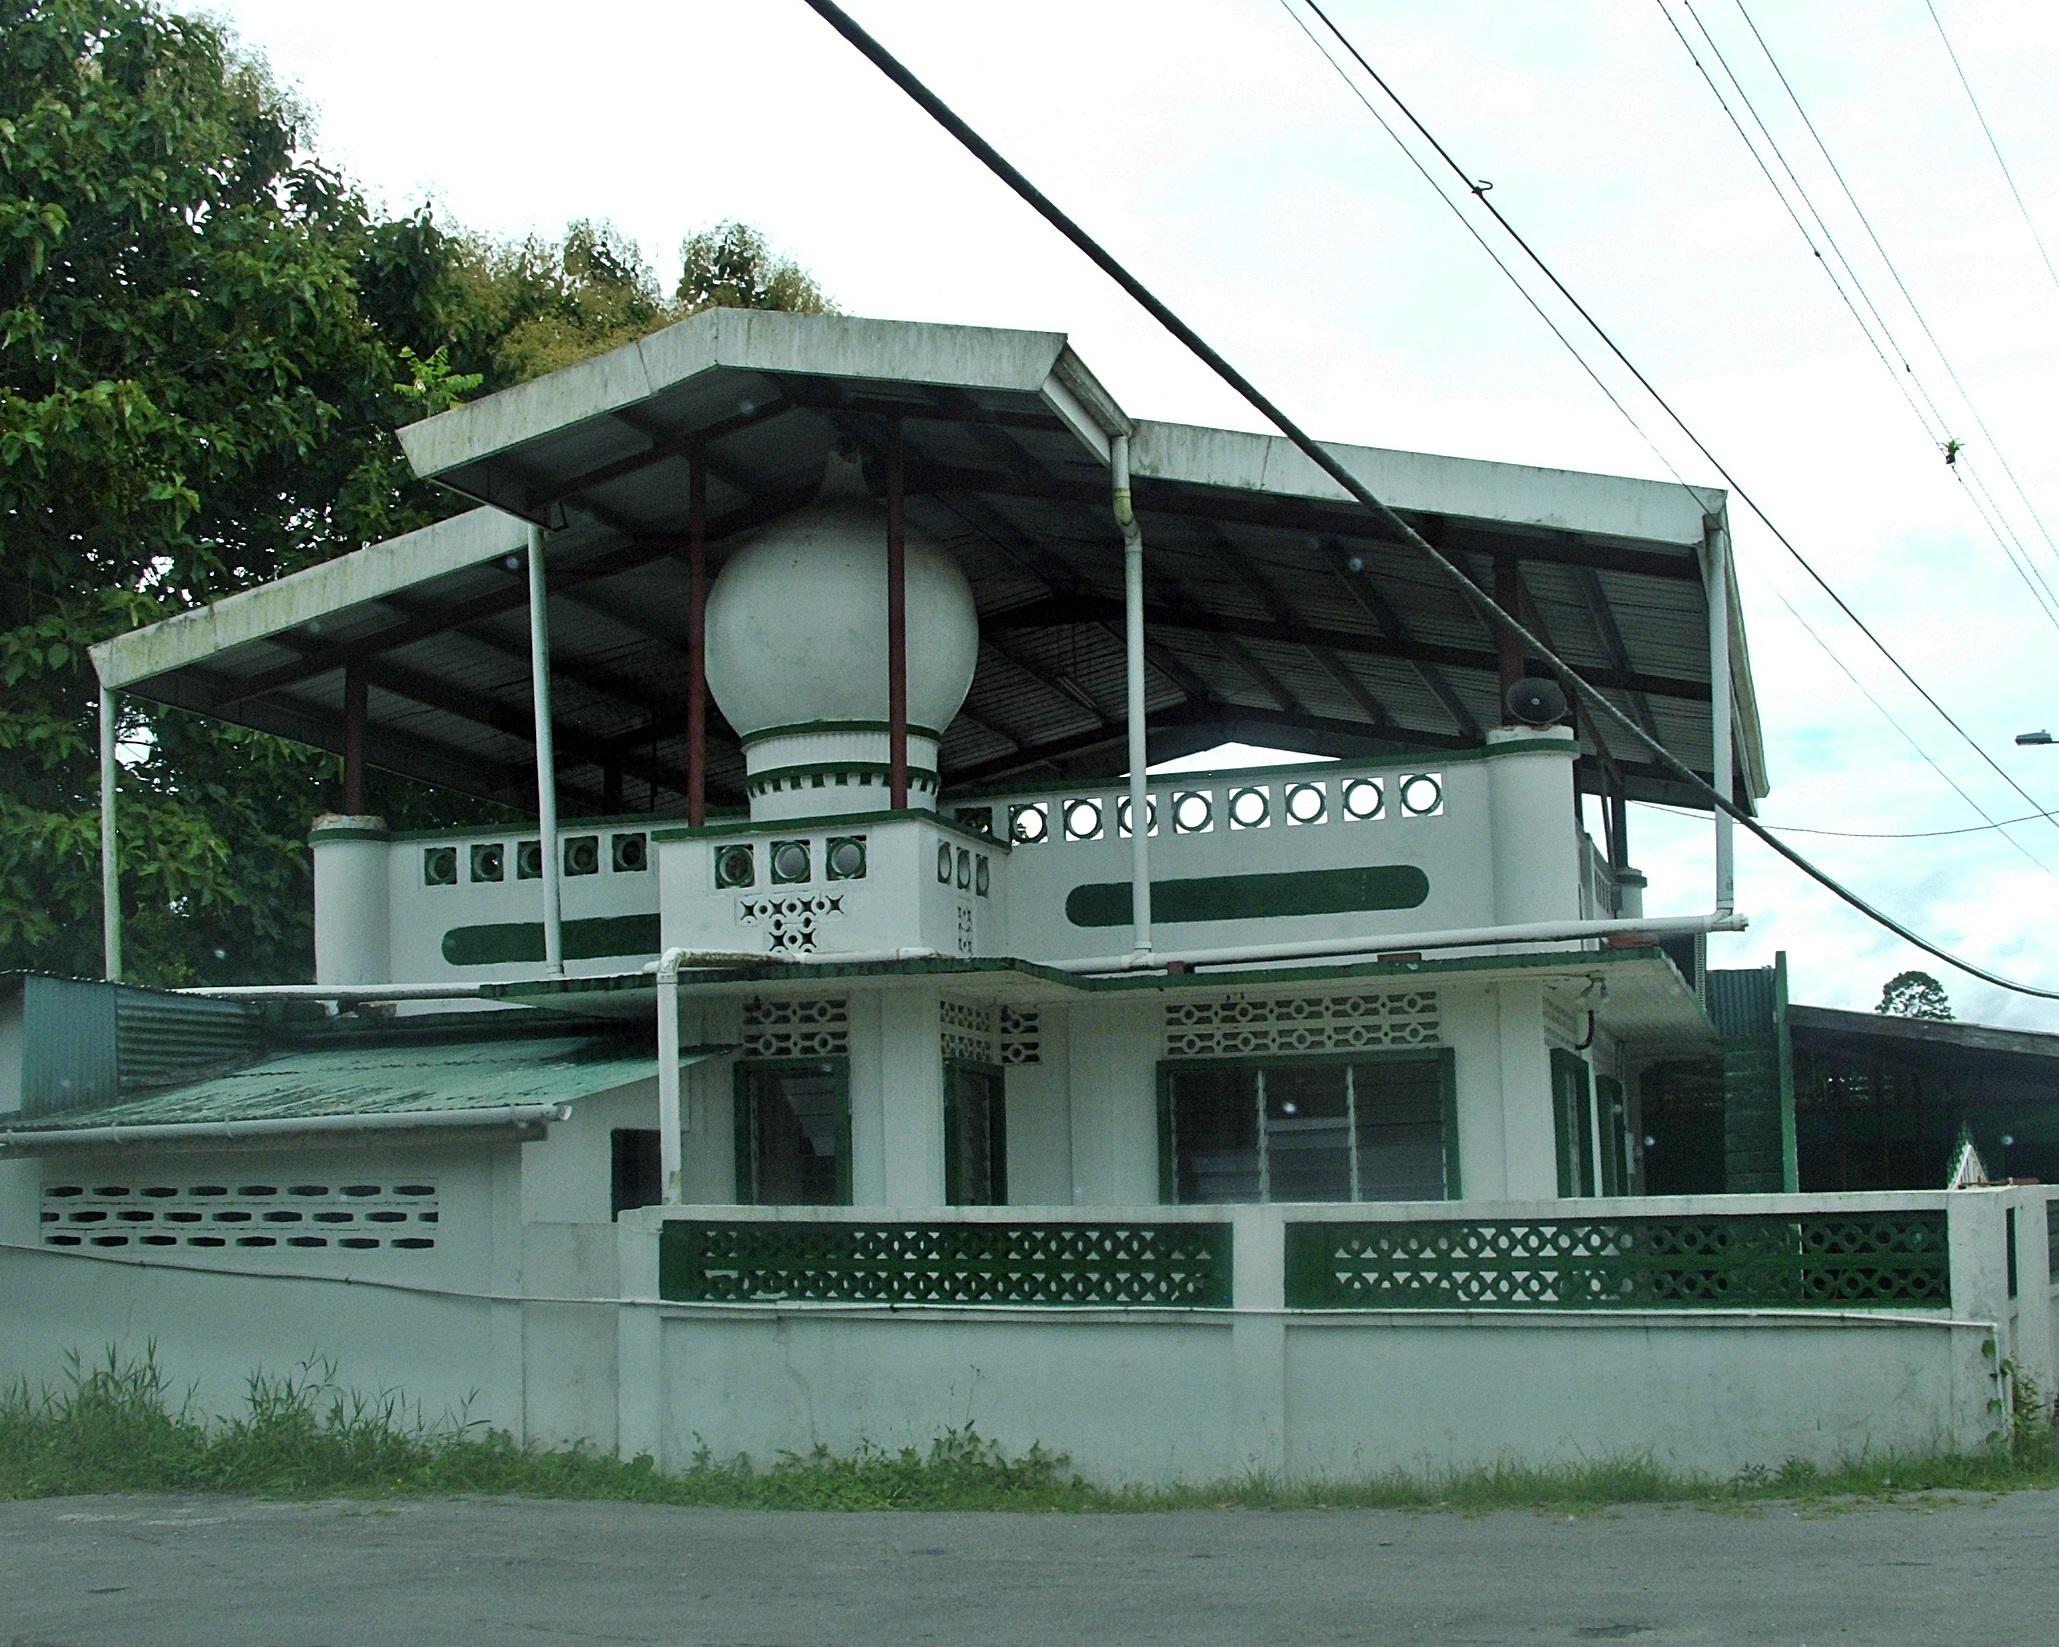 Brother s Road Mosque Rio Claro Trinidad and Tobago